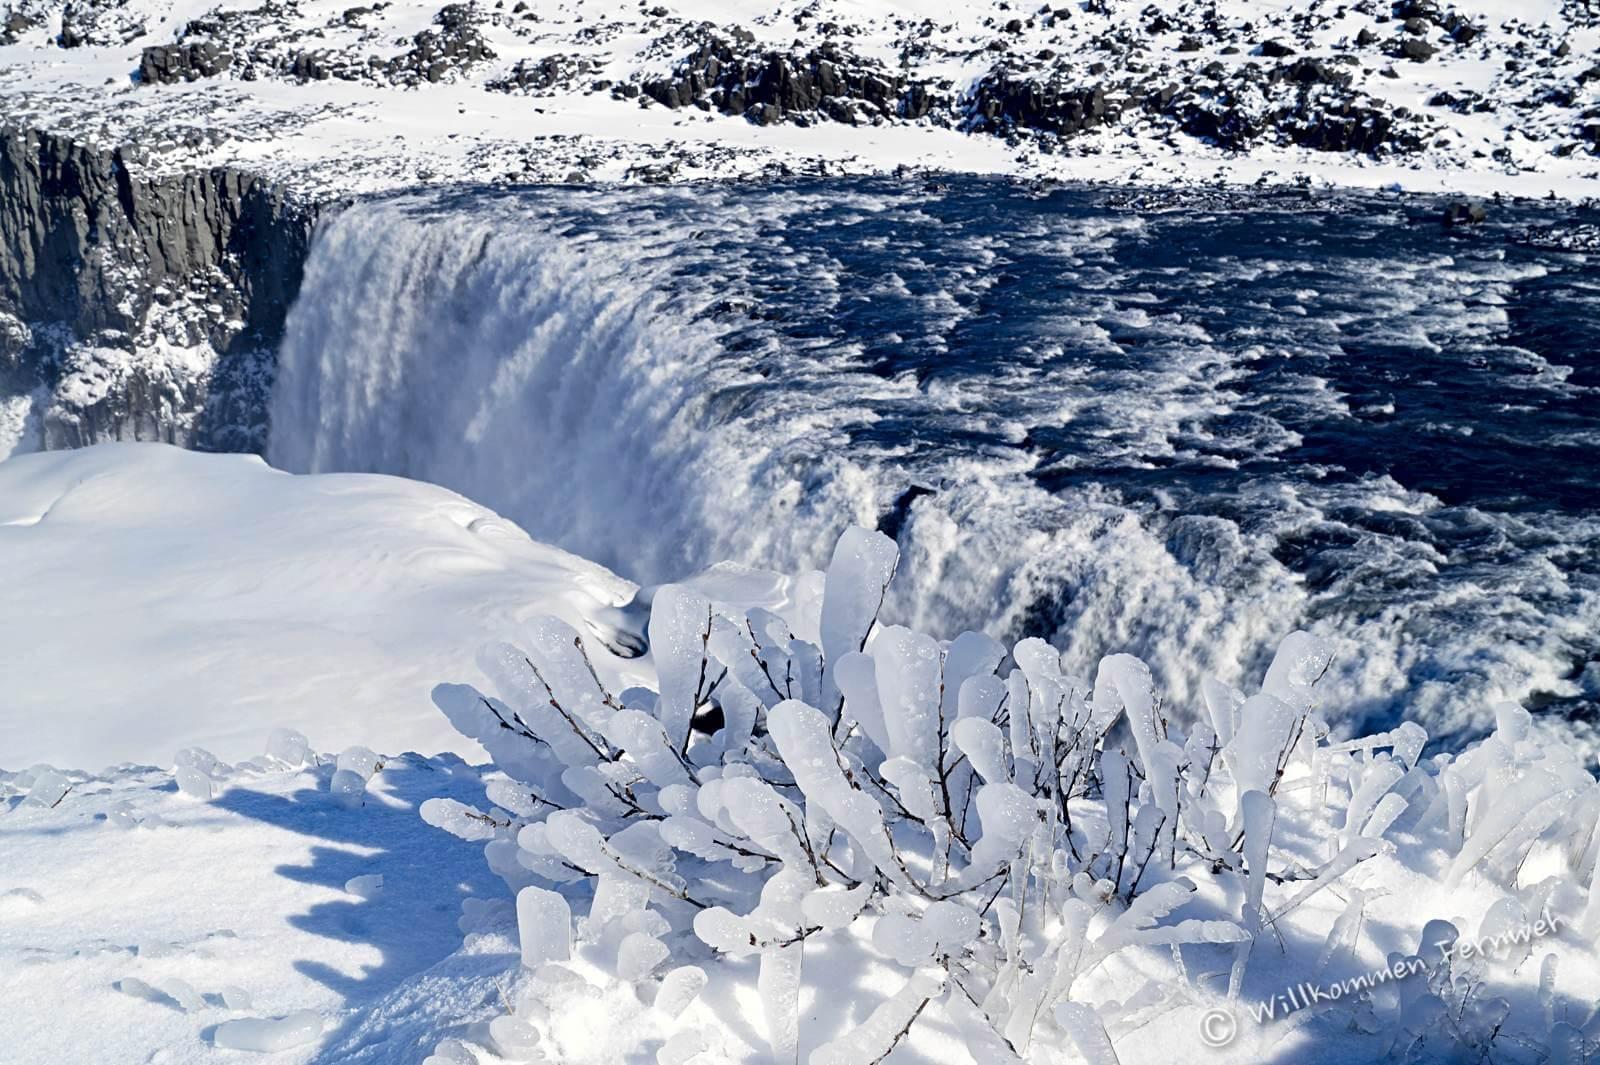 Eiszauber oberhalb des Dettifoss Wasserfalls